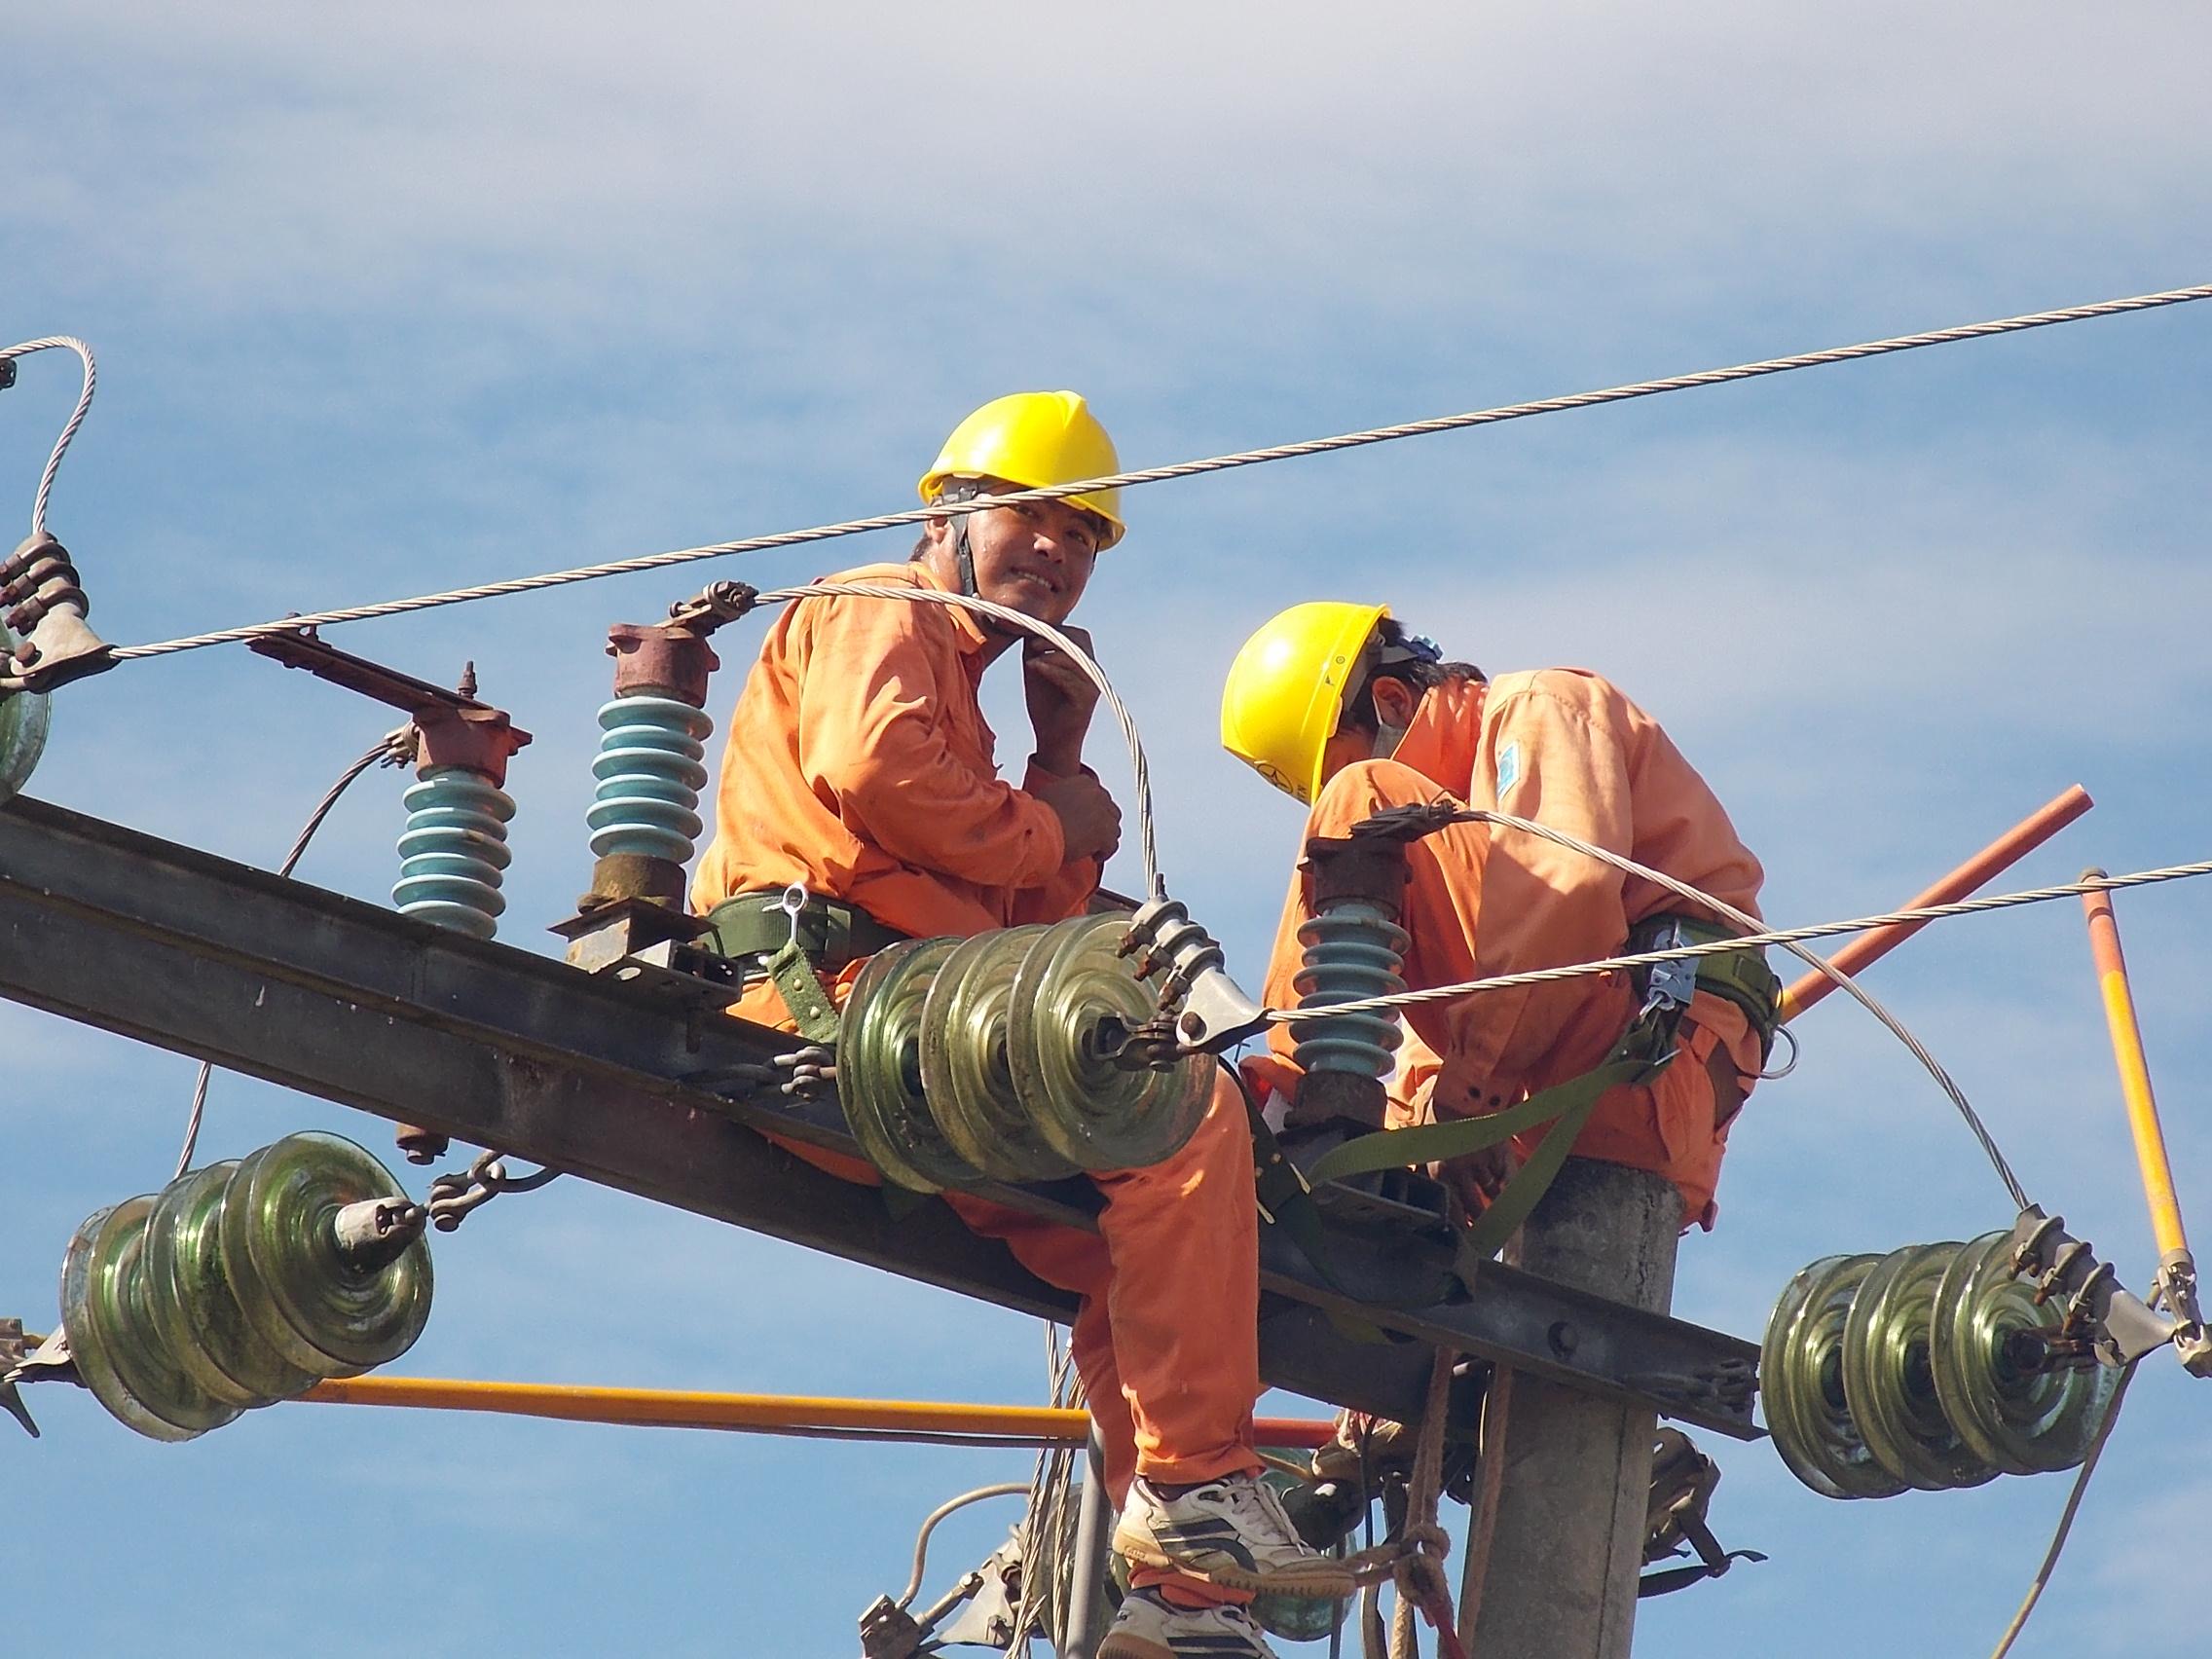 Ngành năng lượng chiếm vị trí đầu bảng về tăng năng suất chất lượng